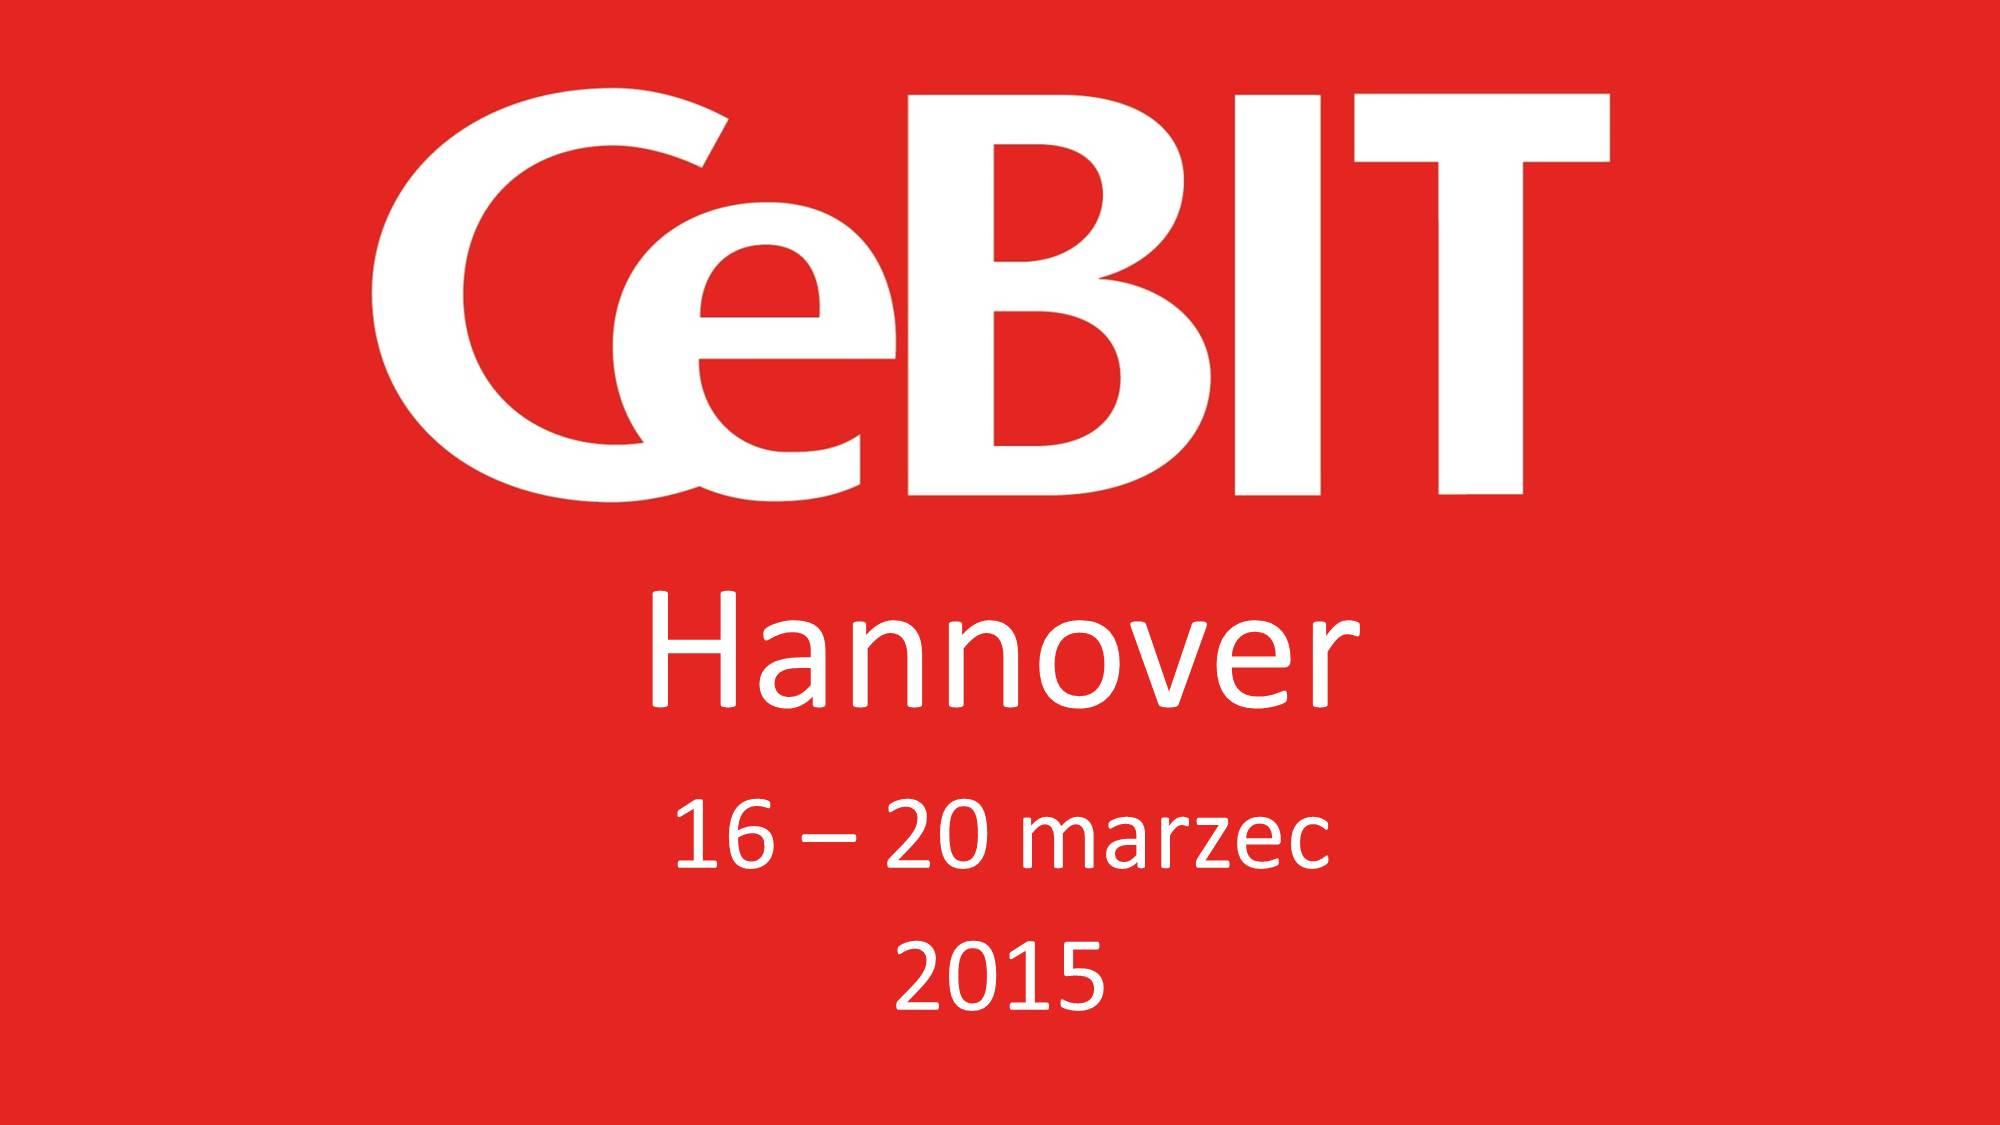 Relacja z targów CeBIT 2015